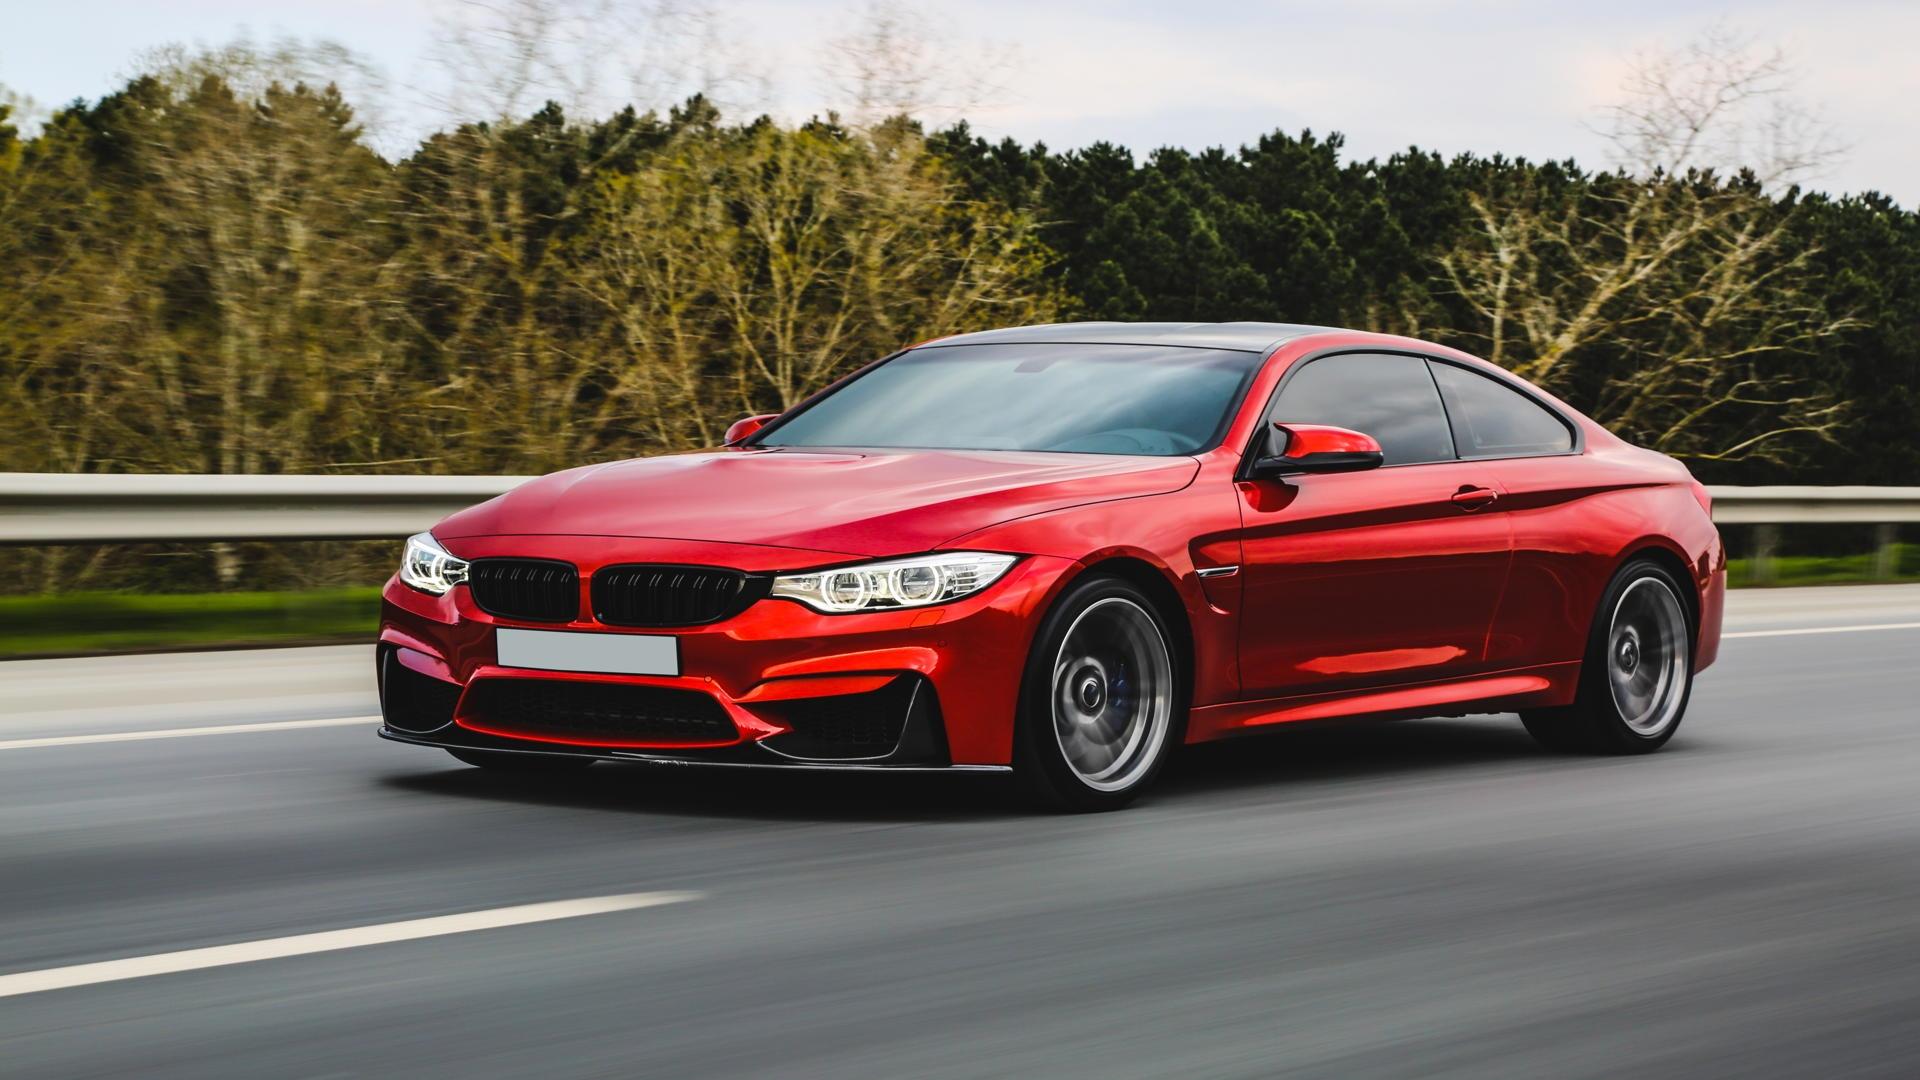 יבוא אישי של רכב חשמלי בצבע אדום